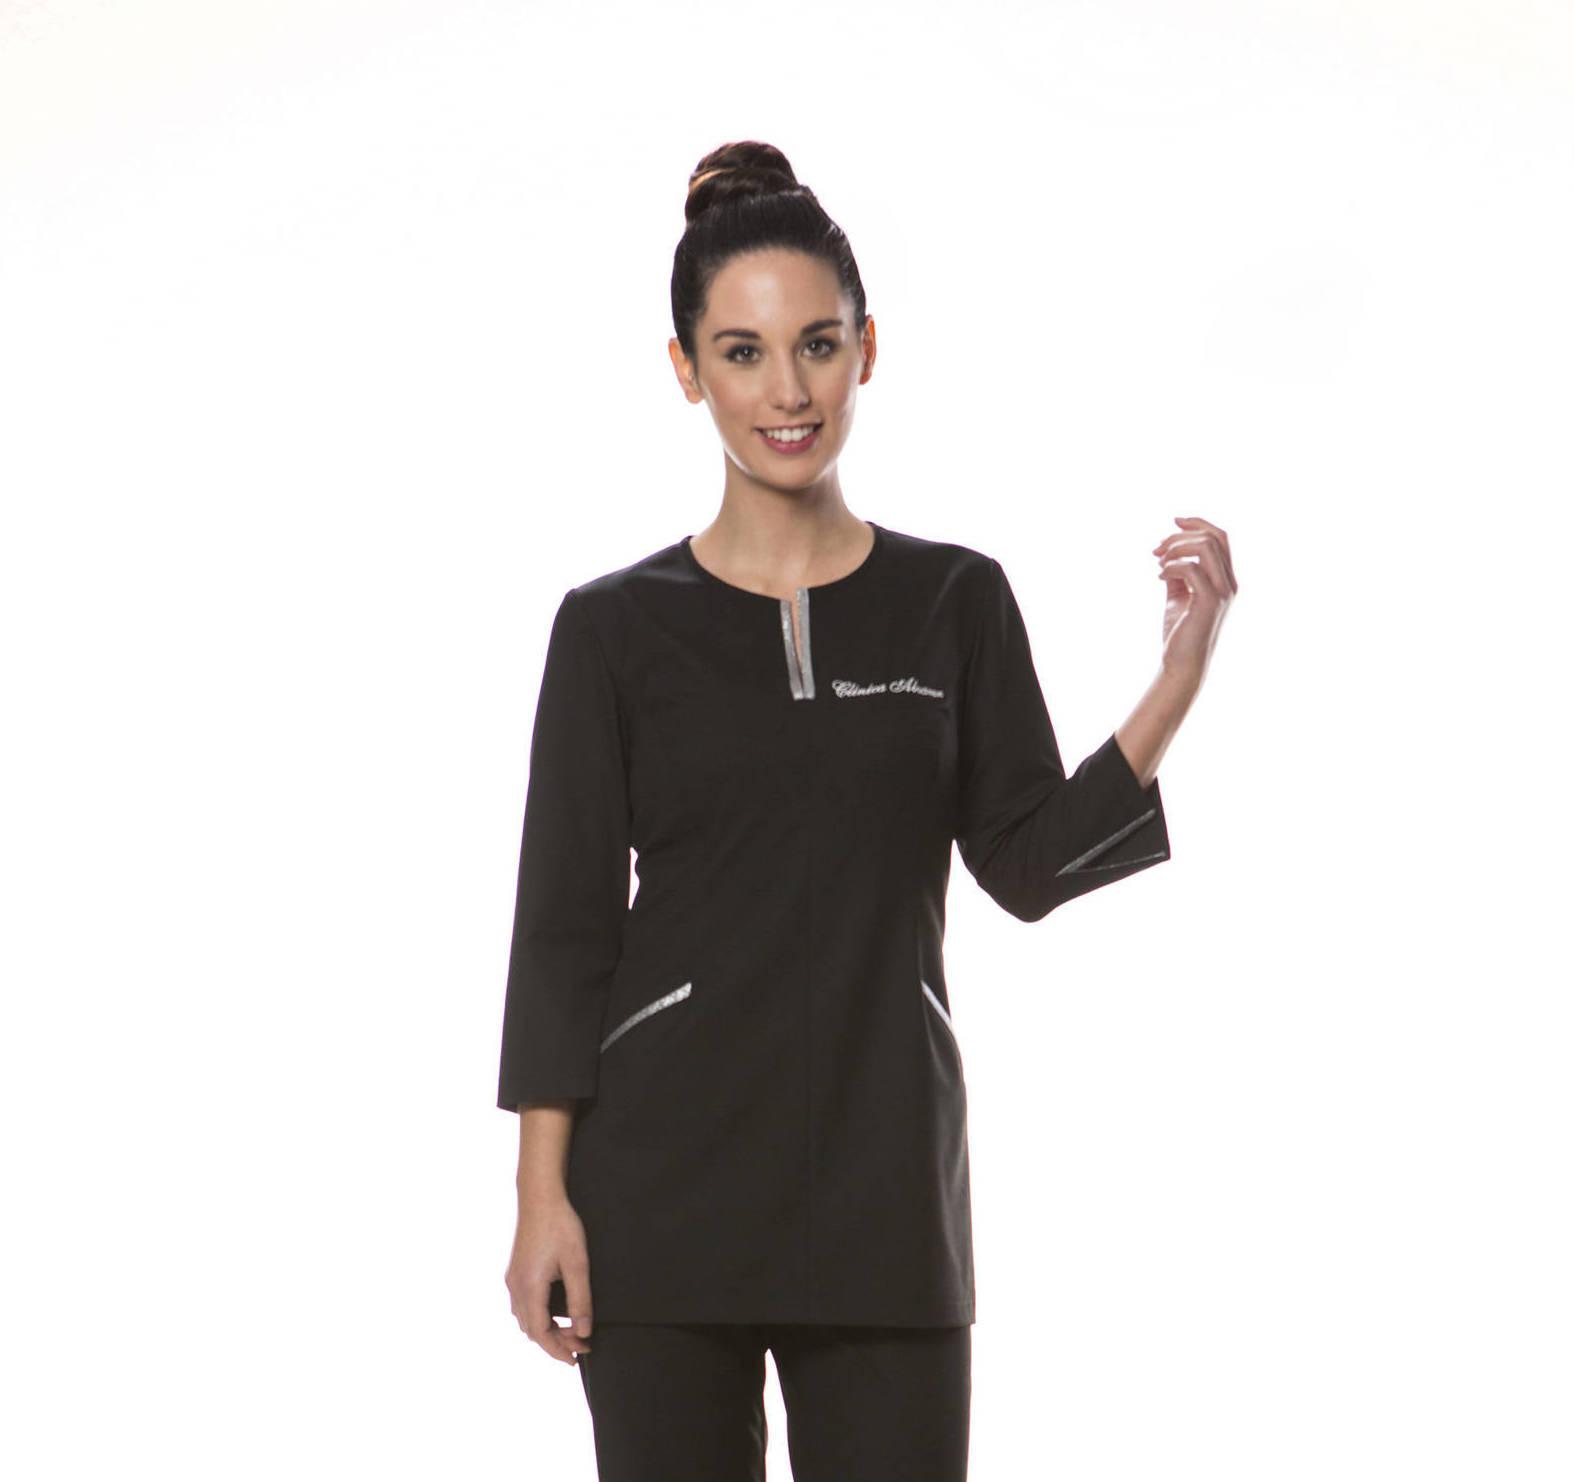 Envíos a toda España de uniformes exclusivos y personalizados